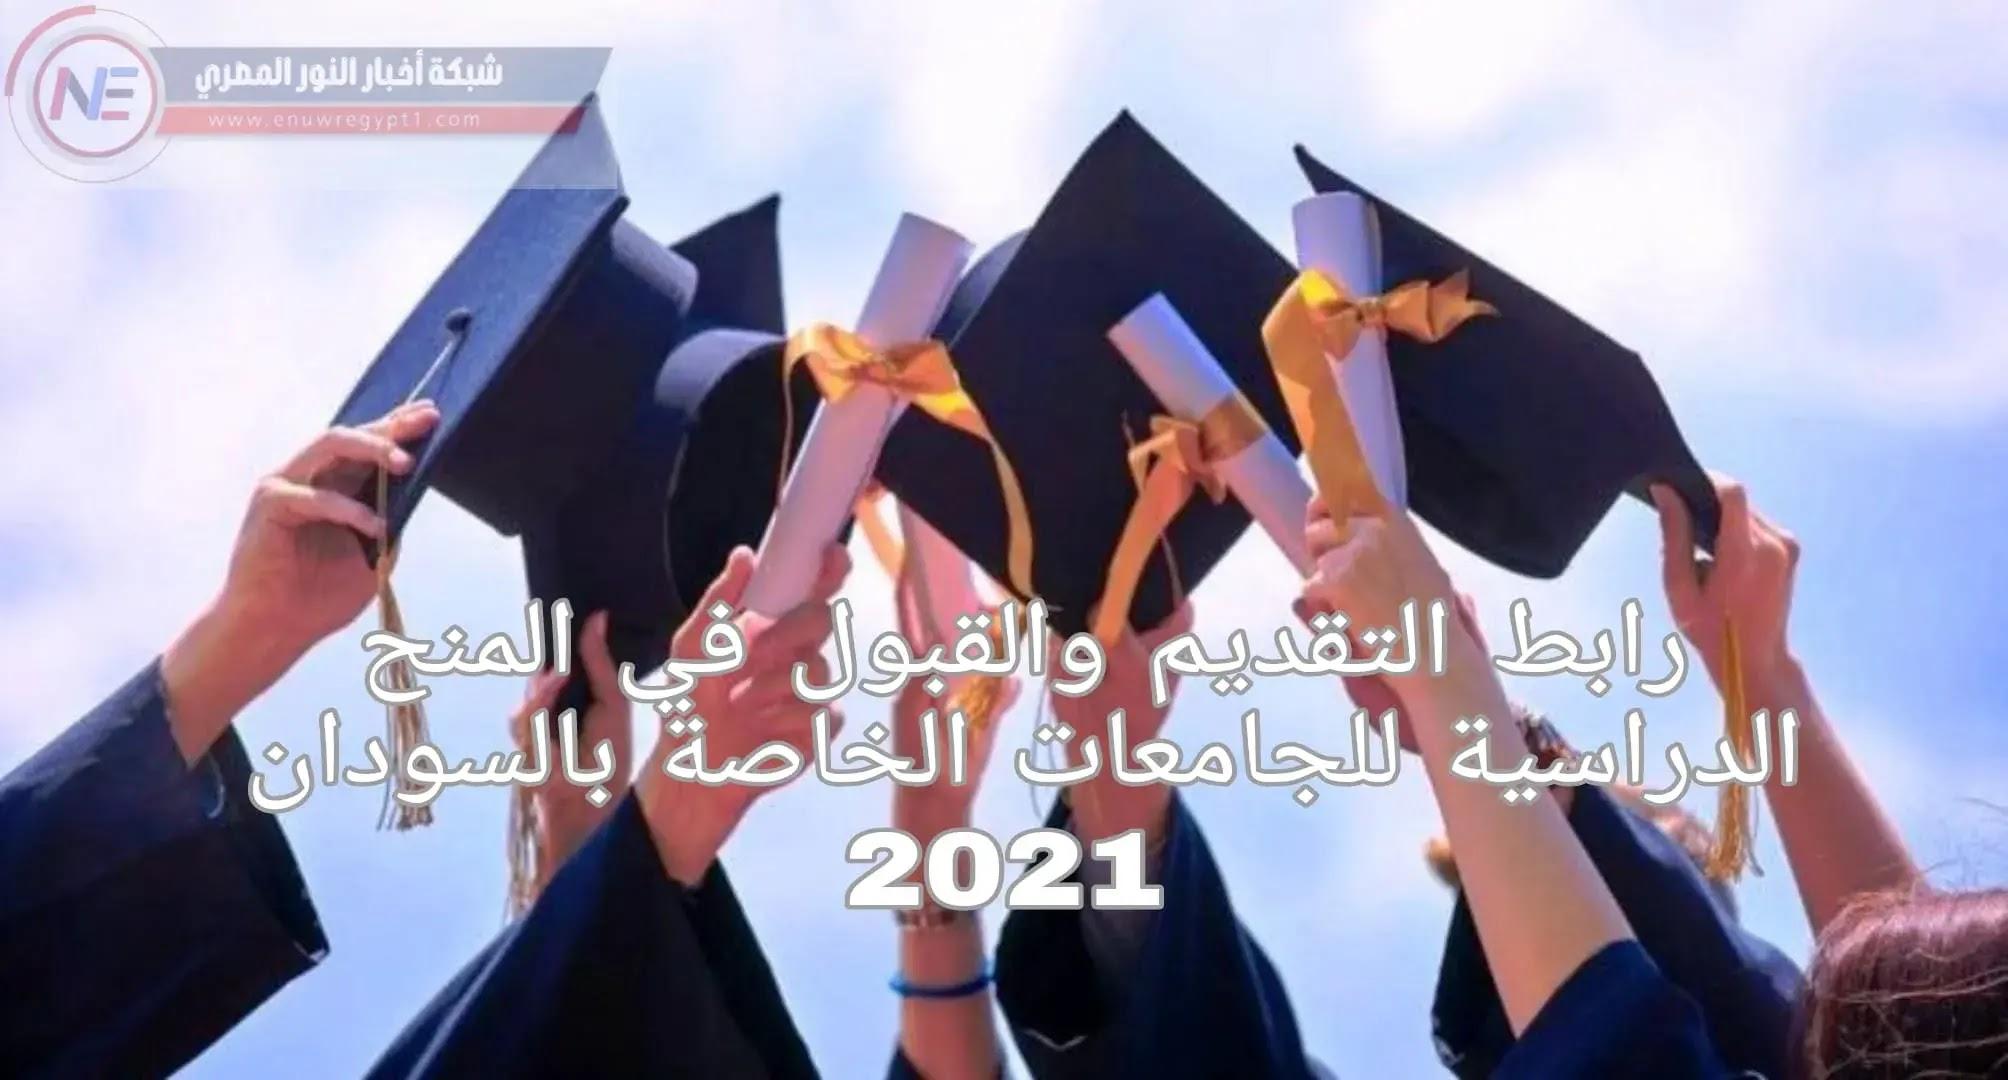 بالتفاصيل | الرابط الرسمي لتقديم في المنح الدراسية للجامعات الخاصة في السودان 2021 | شروط التسجيل في المنحة الدراسية للجامعات الخاصة السودانية | لينك التقديم و التسجيل في المنح الدراسية للجامعات الخاصة عبر admission.gov.sd